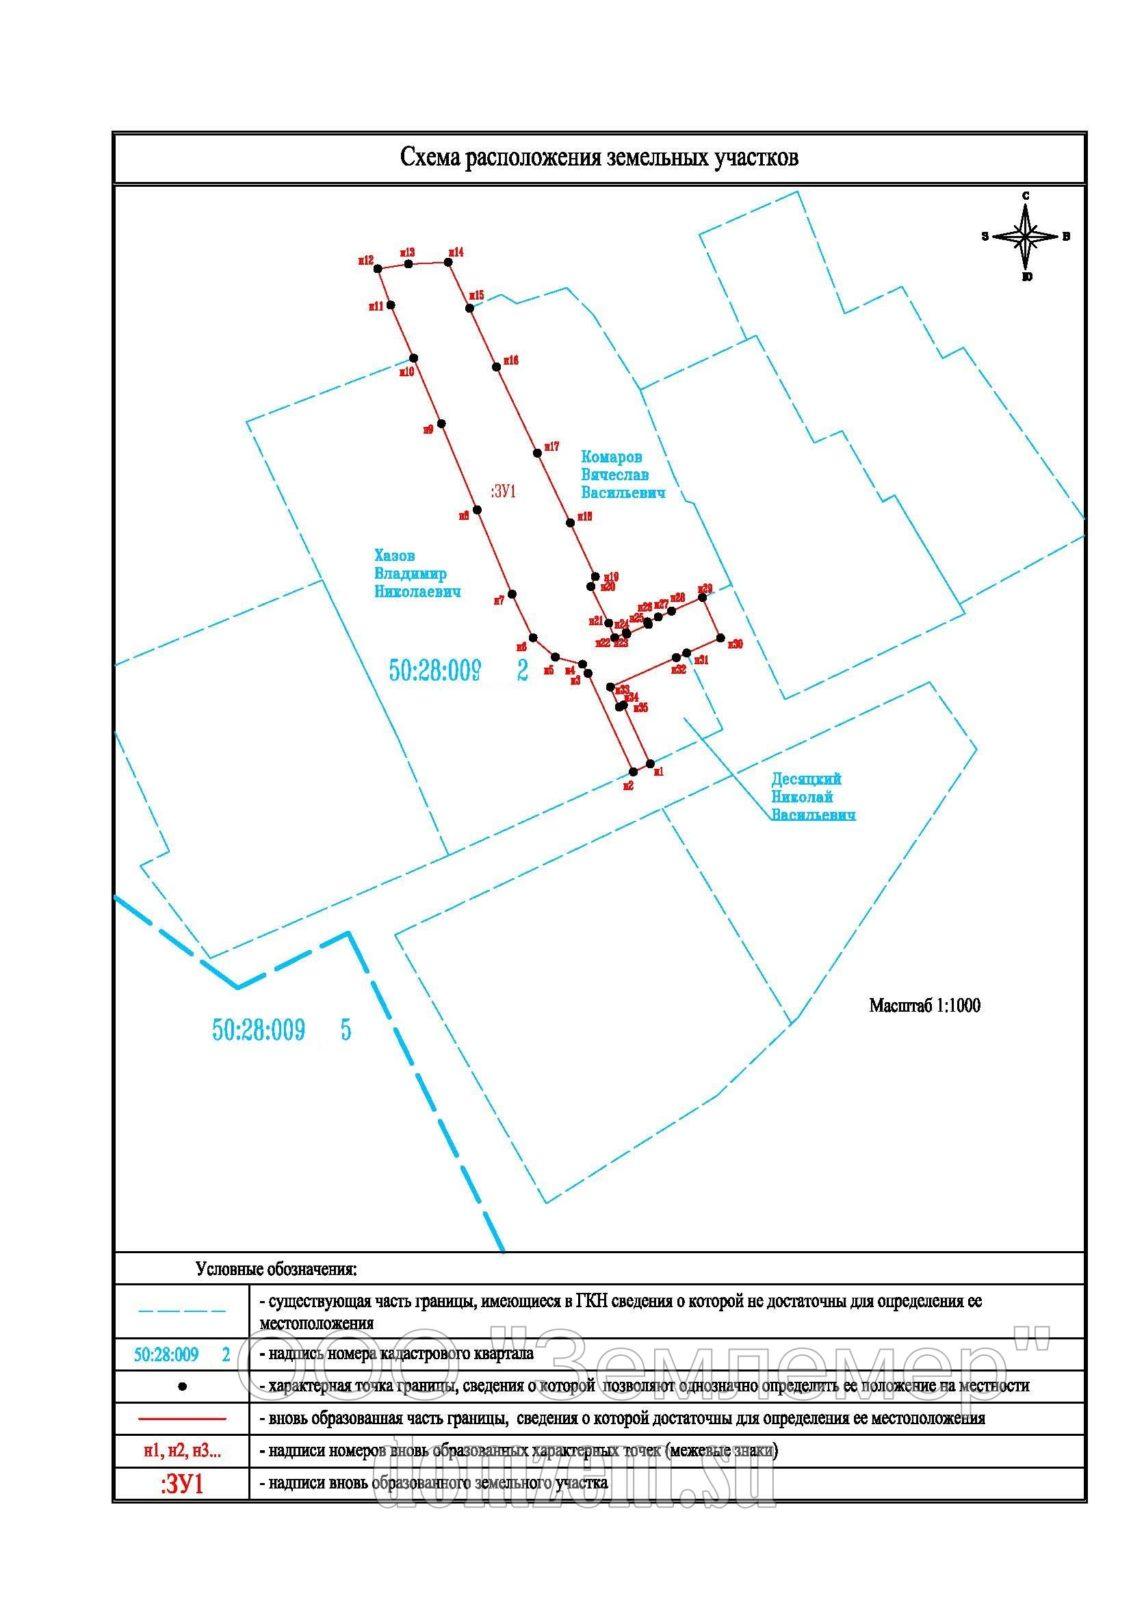 Схема расположения земельного участка на кадастровом плане или кадастровой карте фото 383